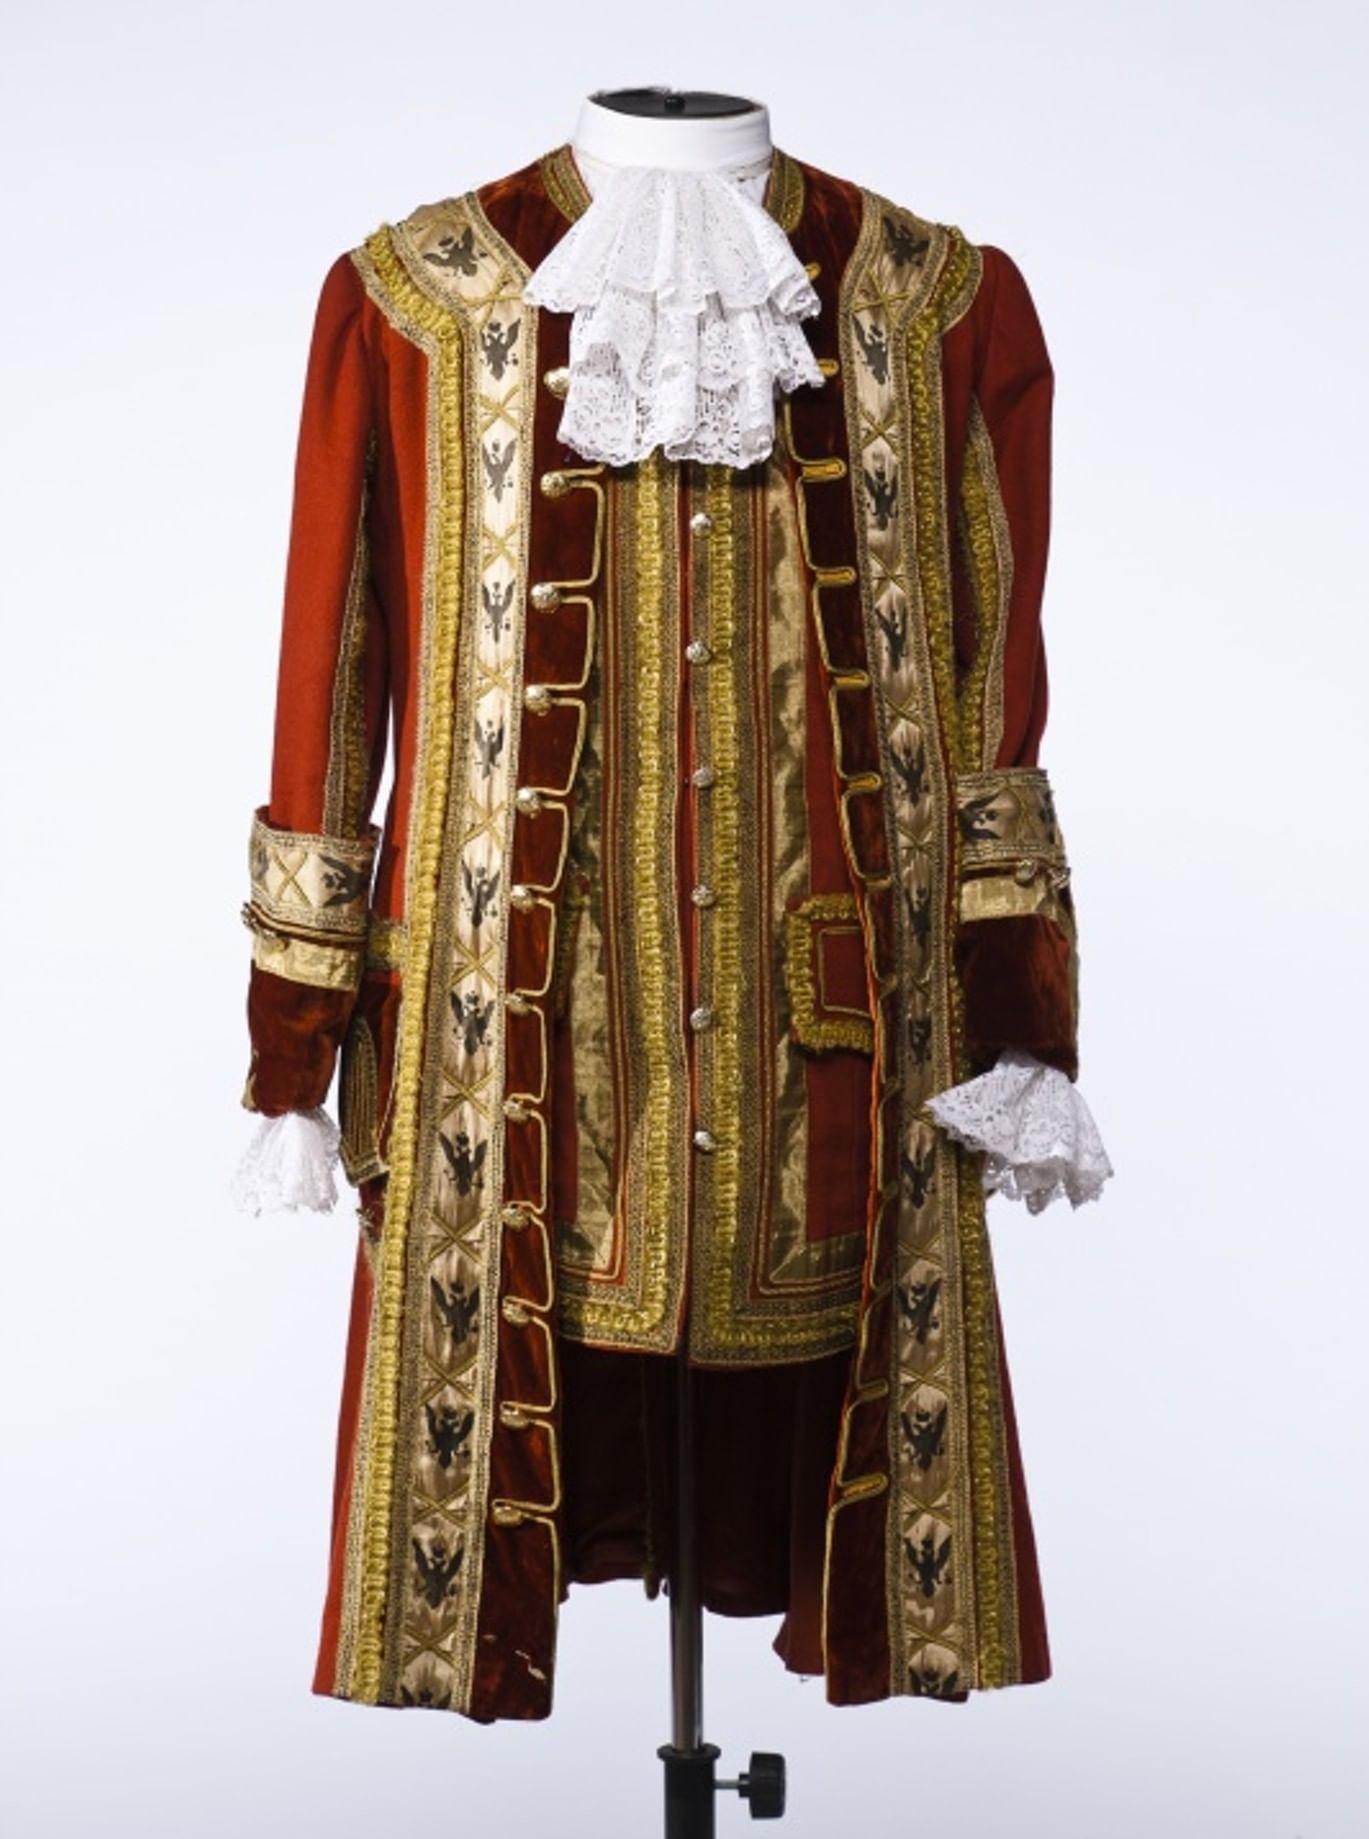 d9fb90f5642a Мужская мода: XVIII-XX веков. Кафтаны, кюлоты, сюртуки, фраки, пиджаки.